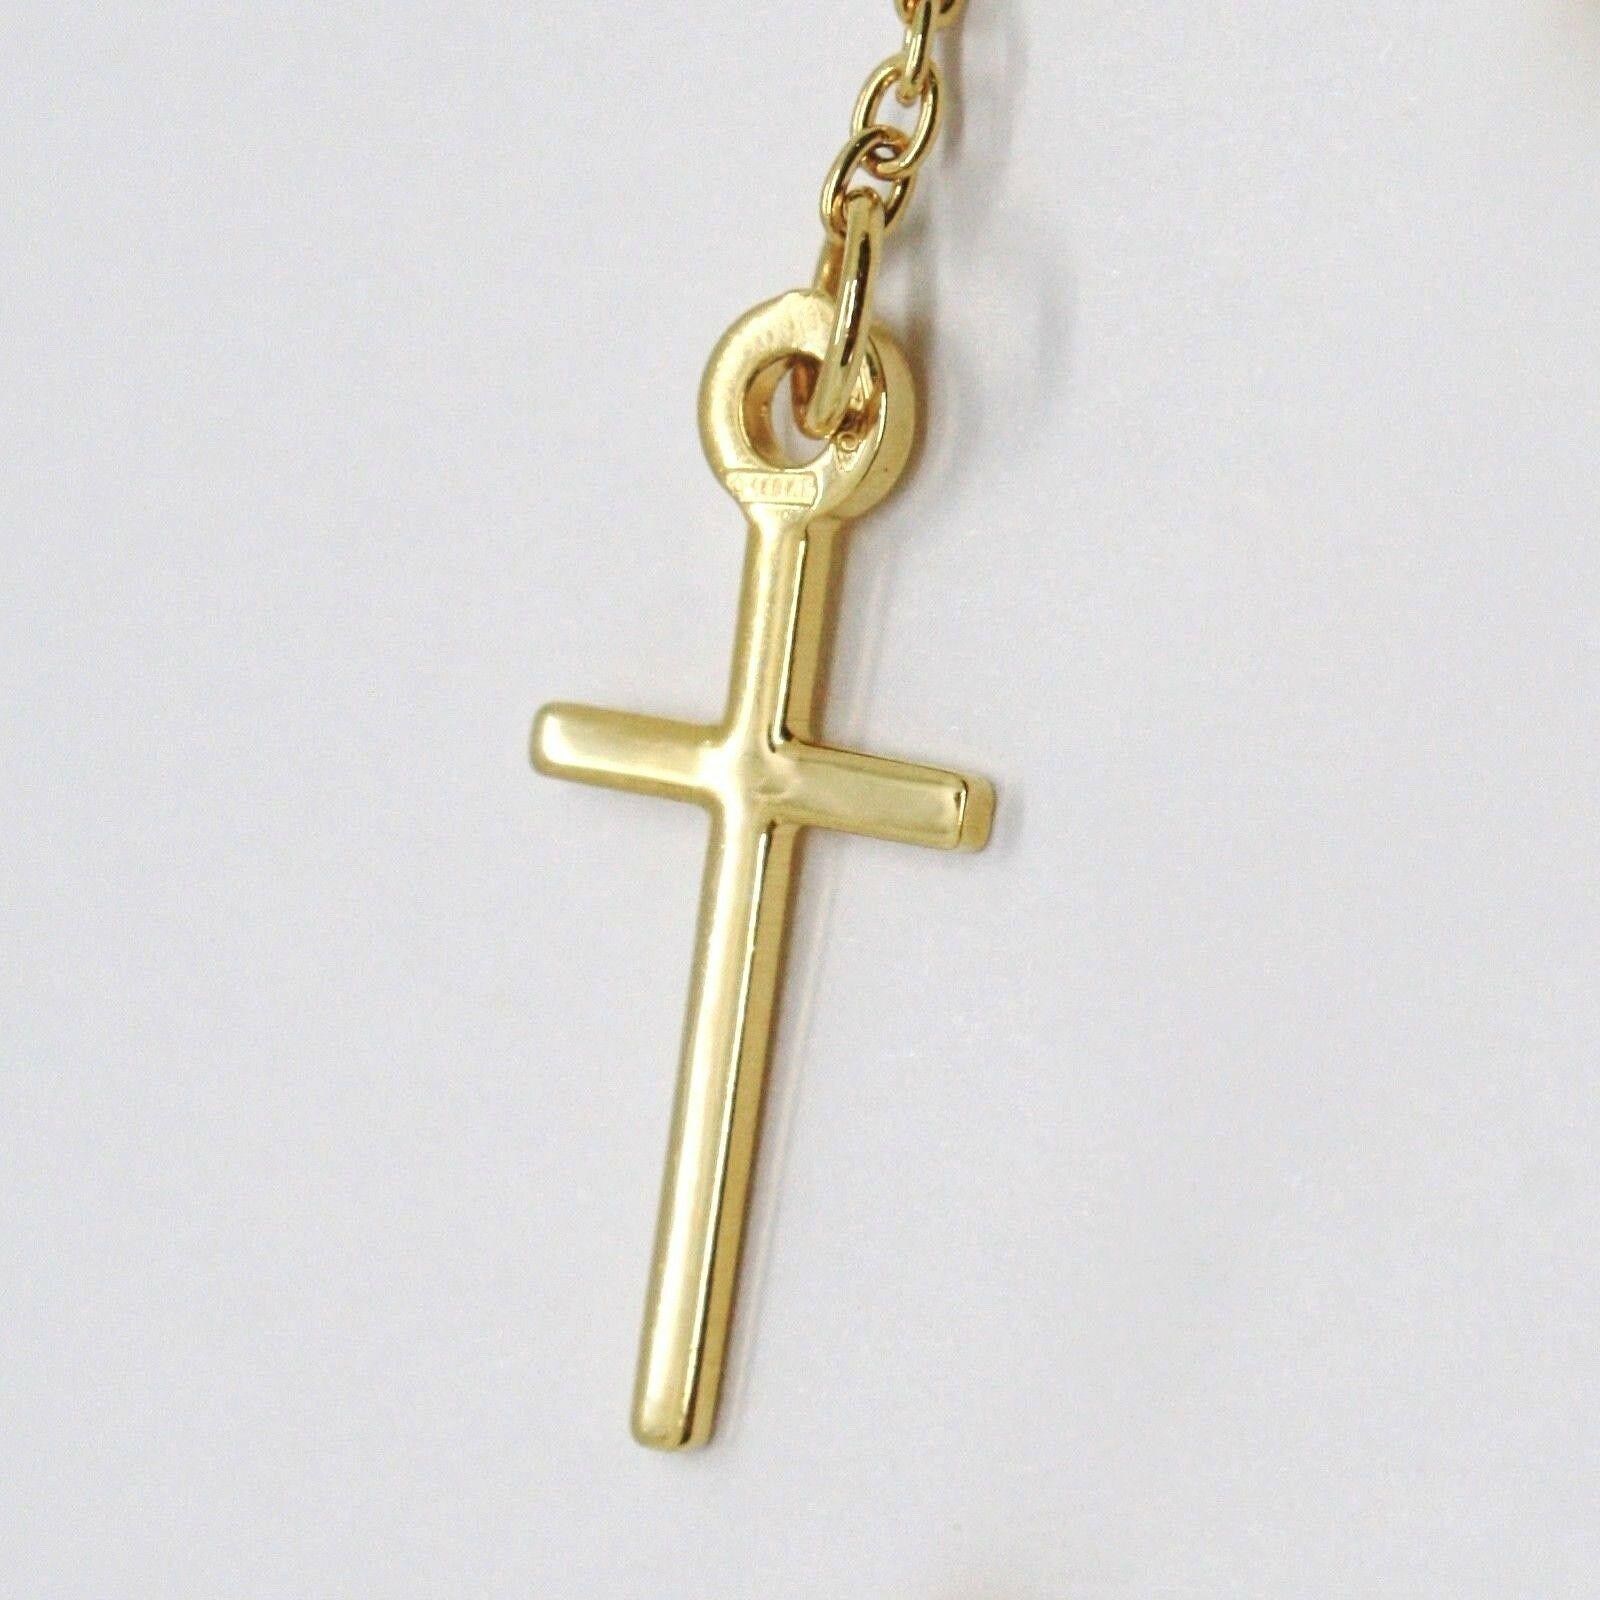 Pulsera Oro Amarillo 18K 750 , Rosario, Esferas 2.5 mm, Cruz, Medalla Milagrosa